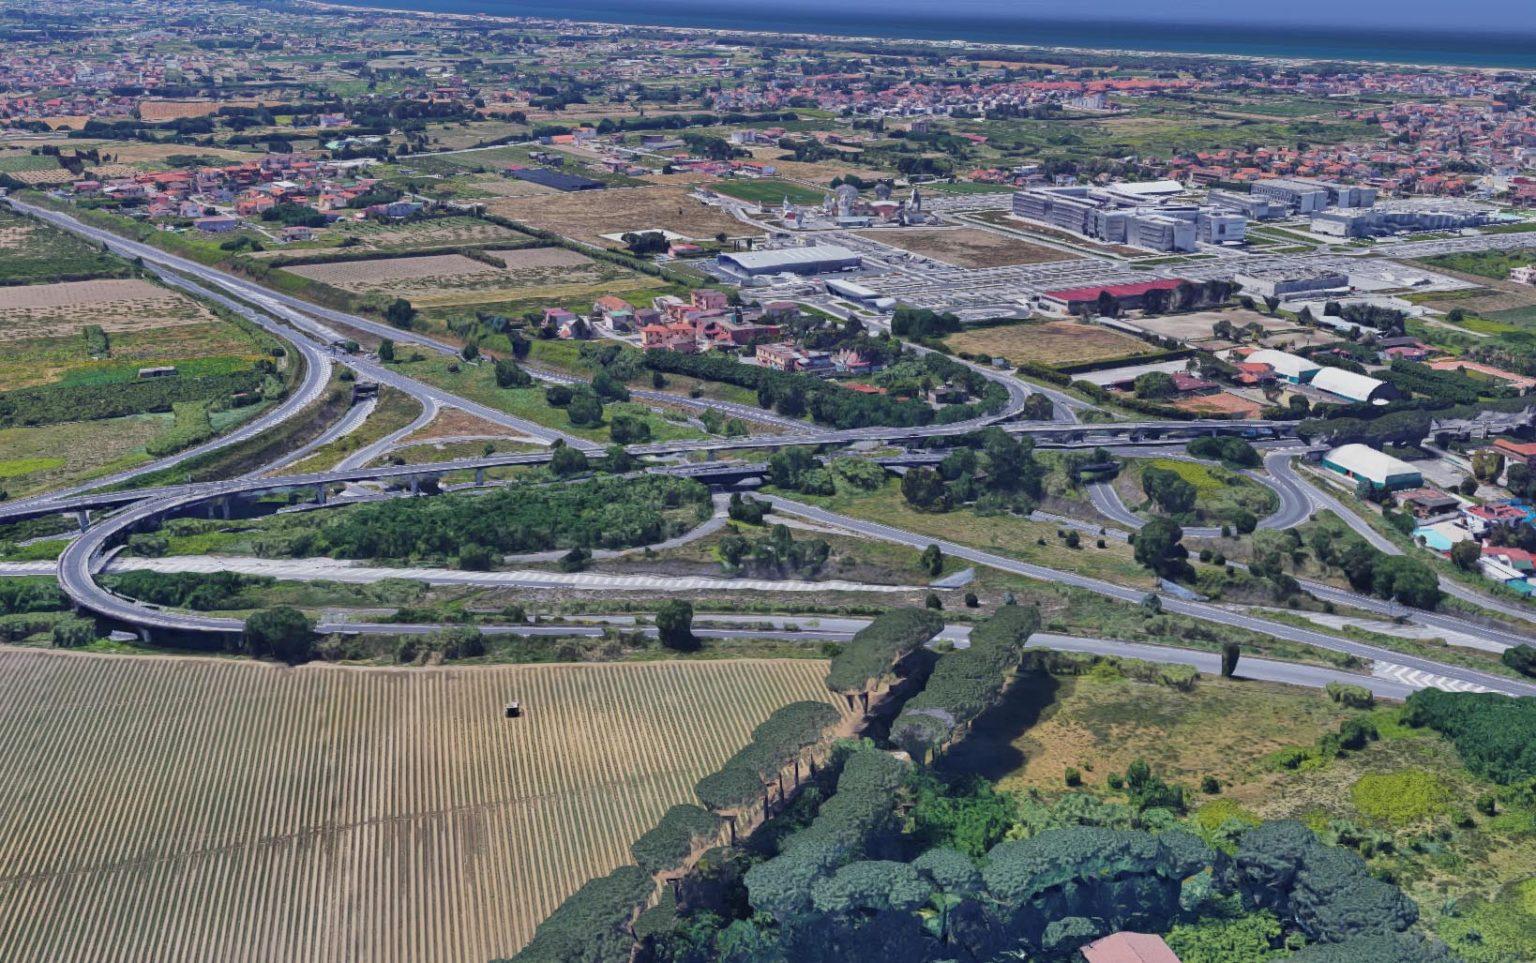 giugliano_viadotto_03-1536x963